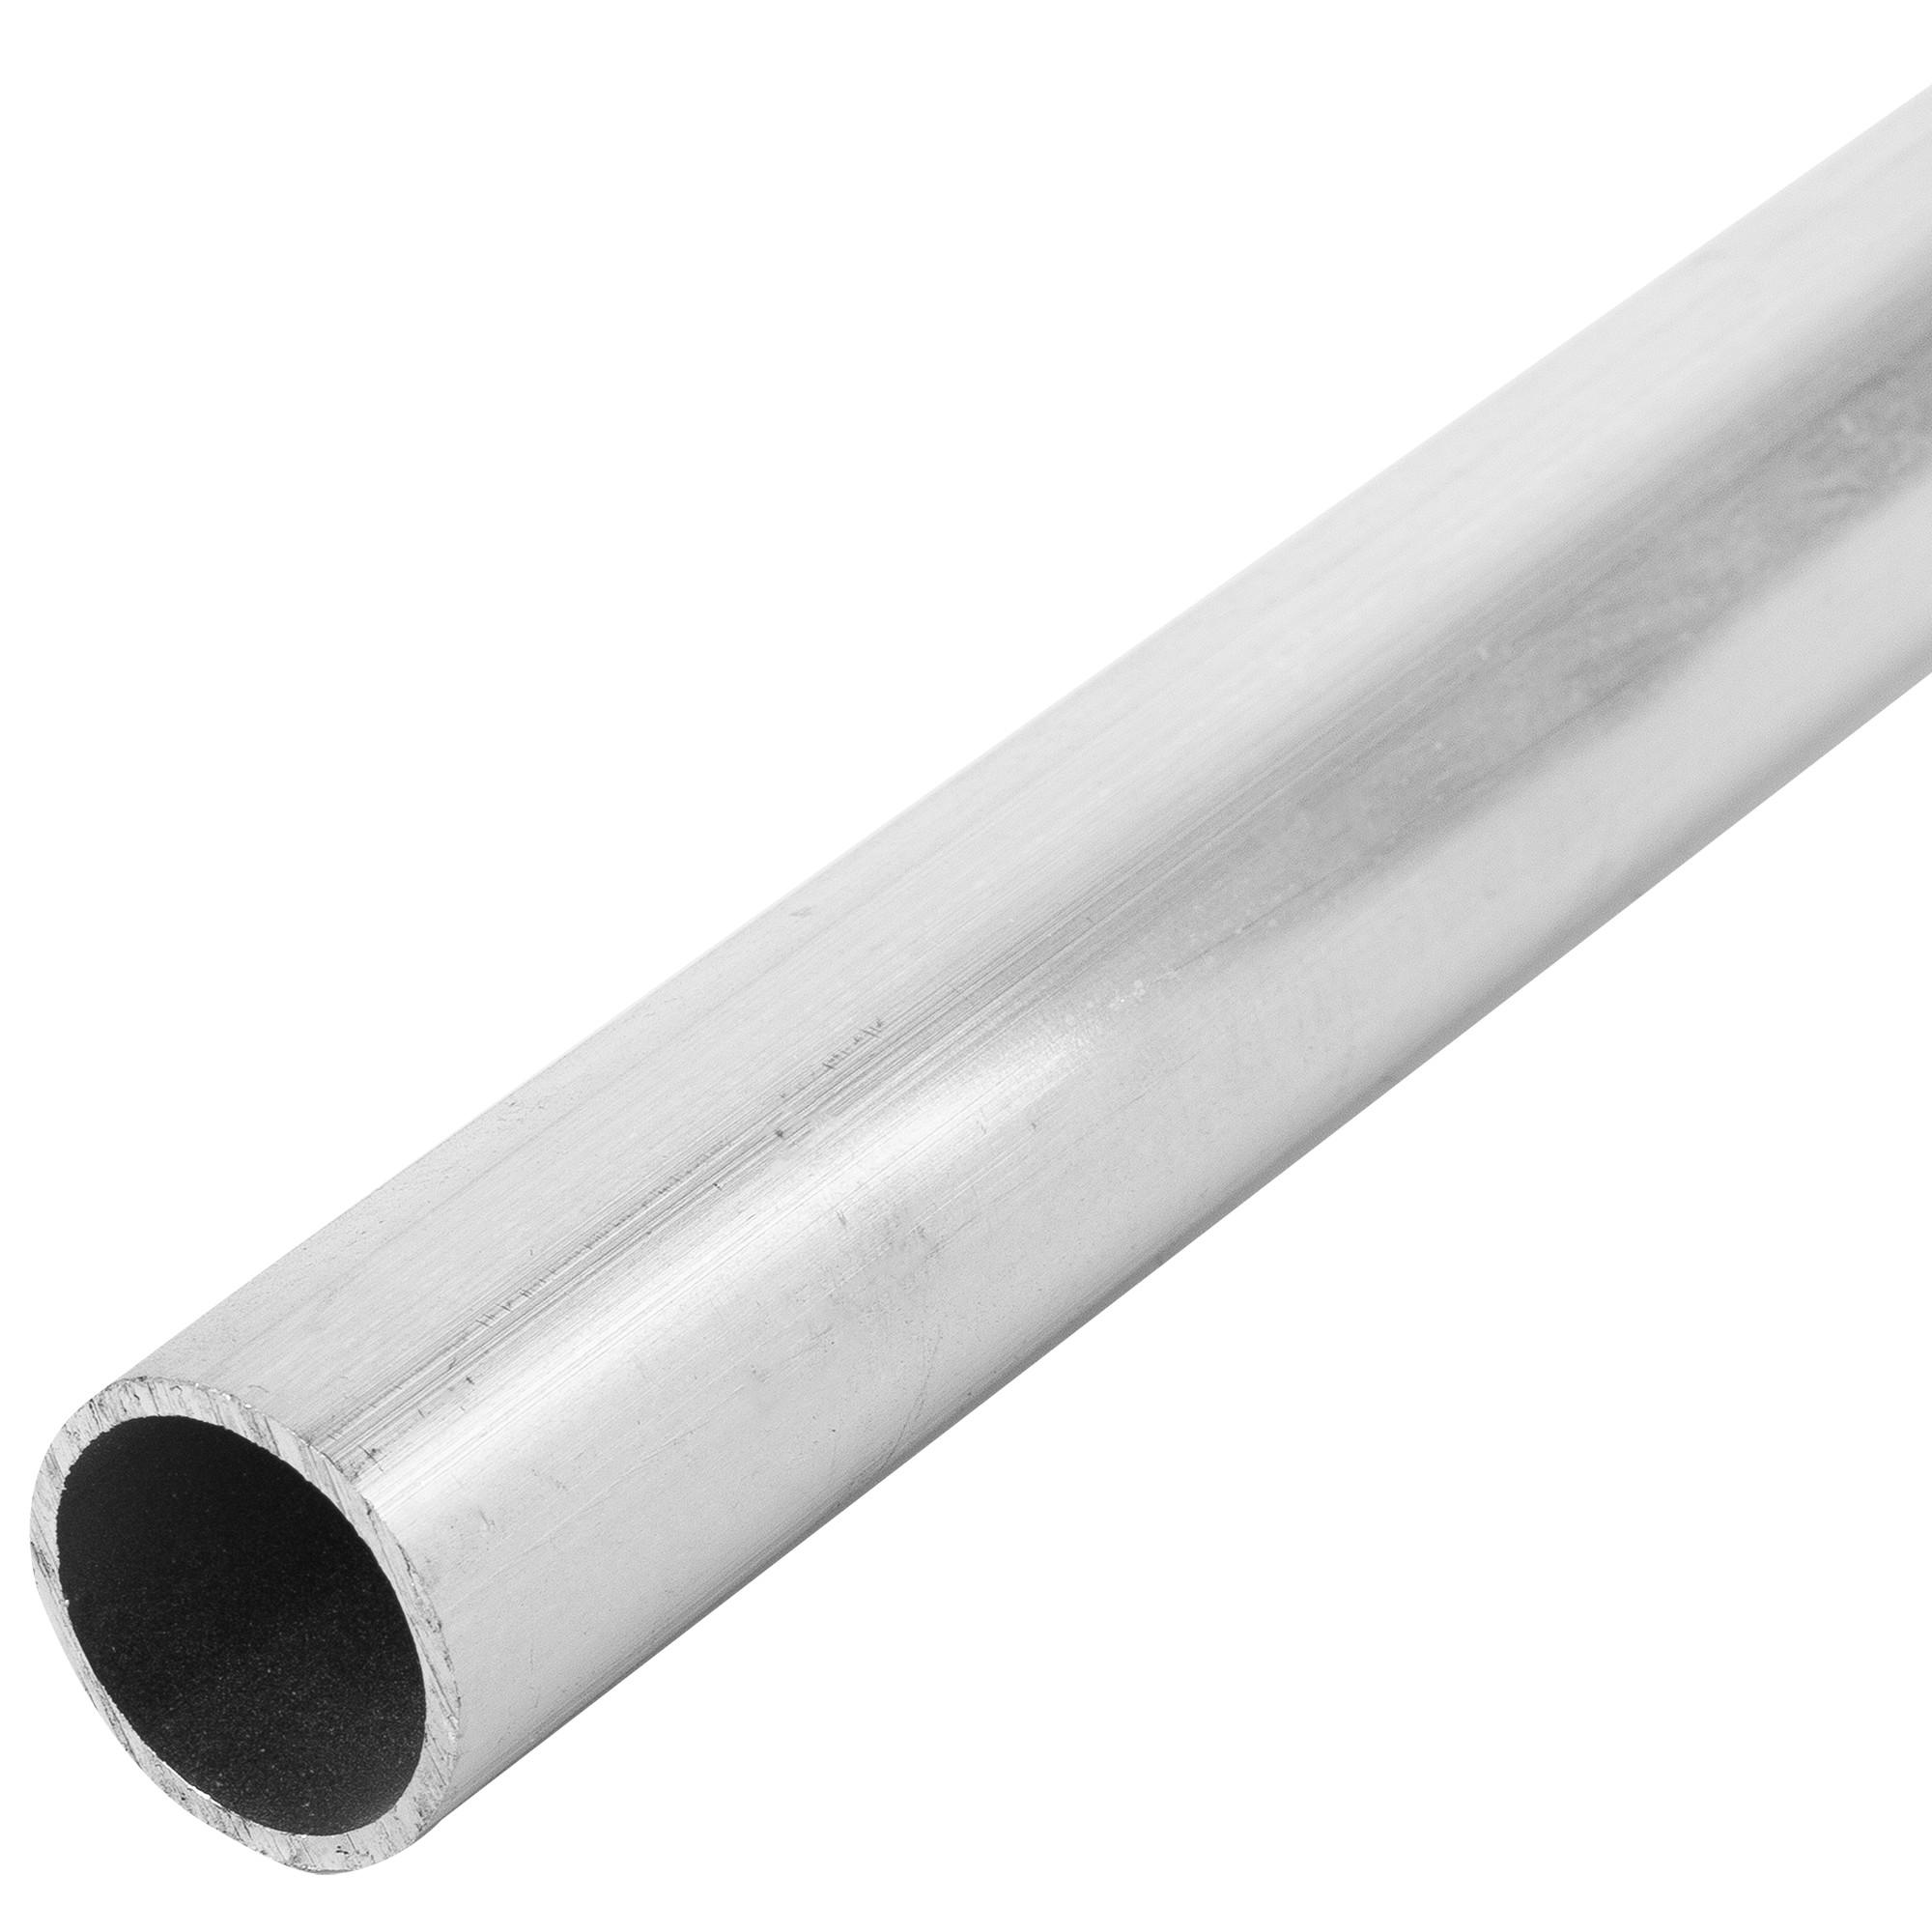 Труба 25x25x2000х25 мм, алюминий, цвет серебристо-белый